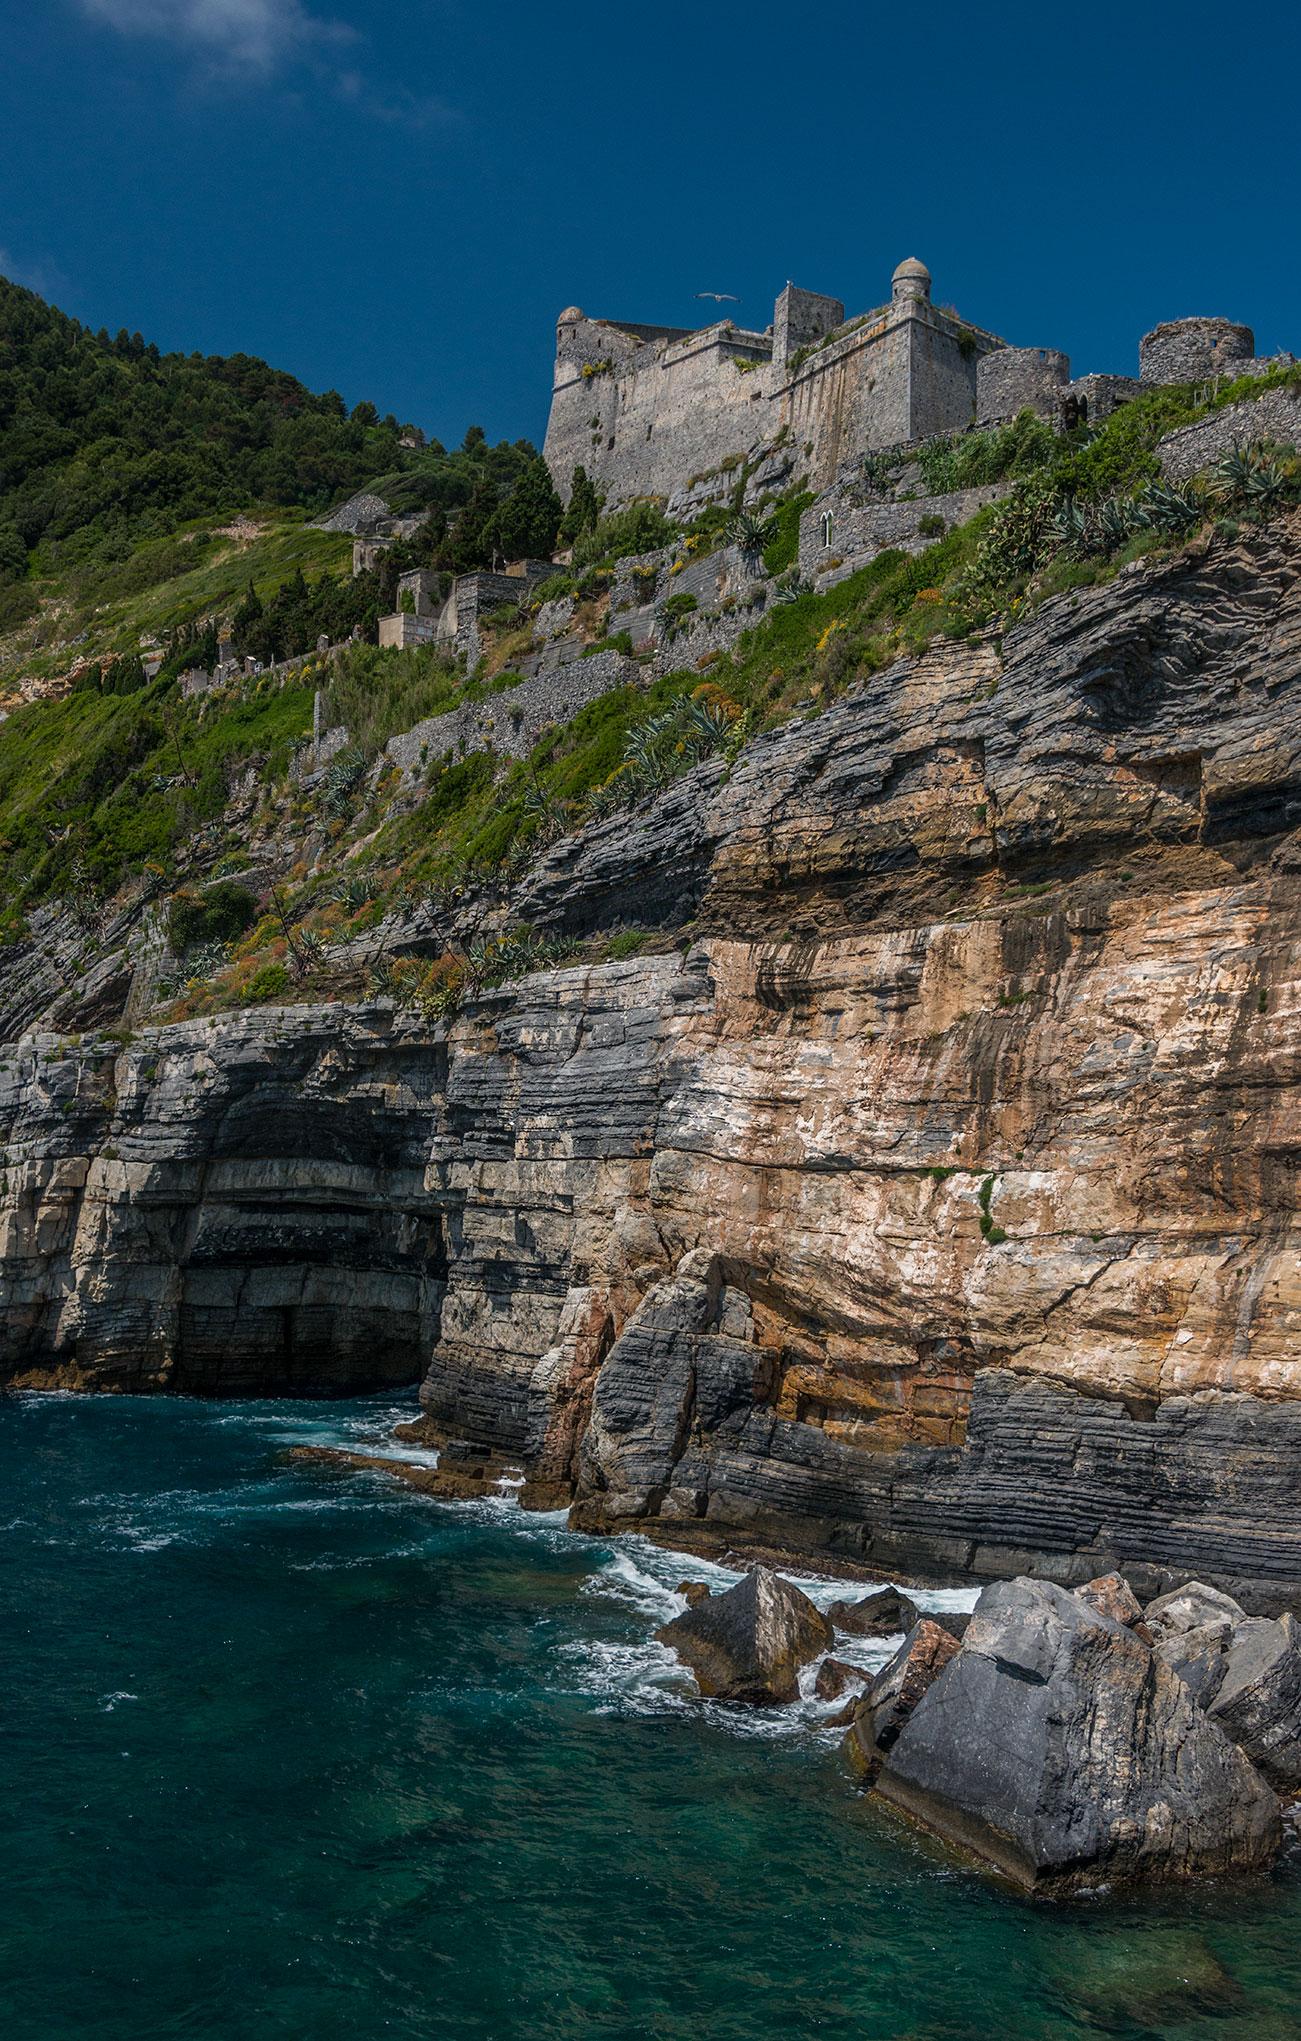 The Doria Castle and cliffs at Porto Venere